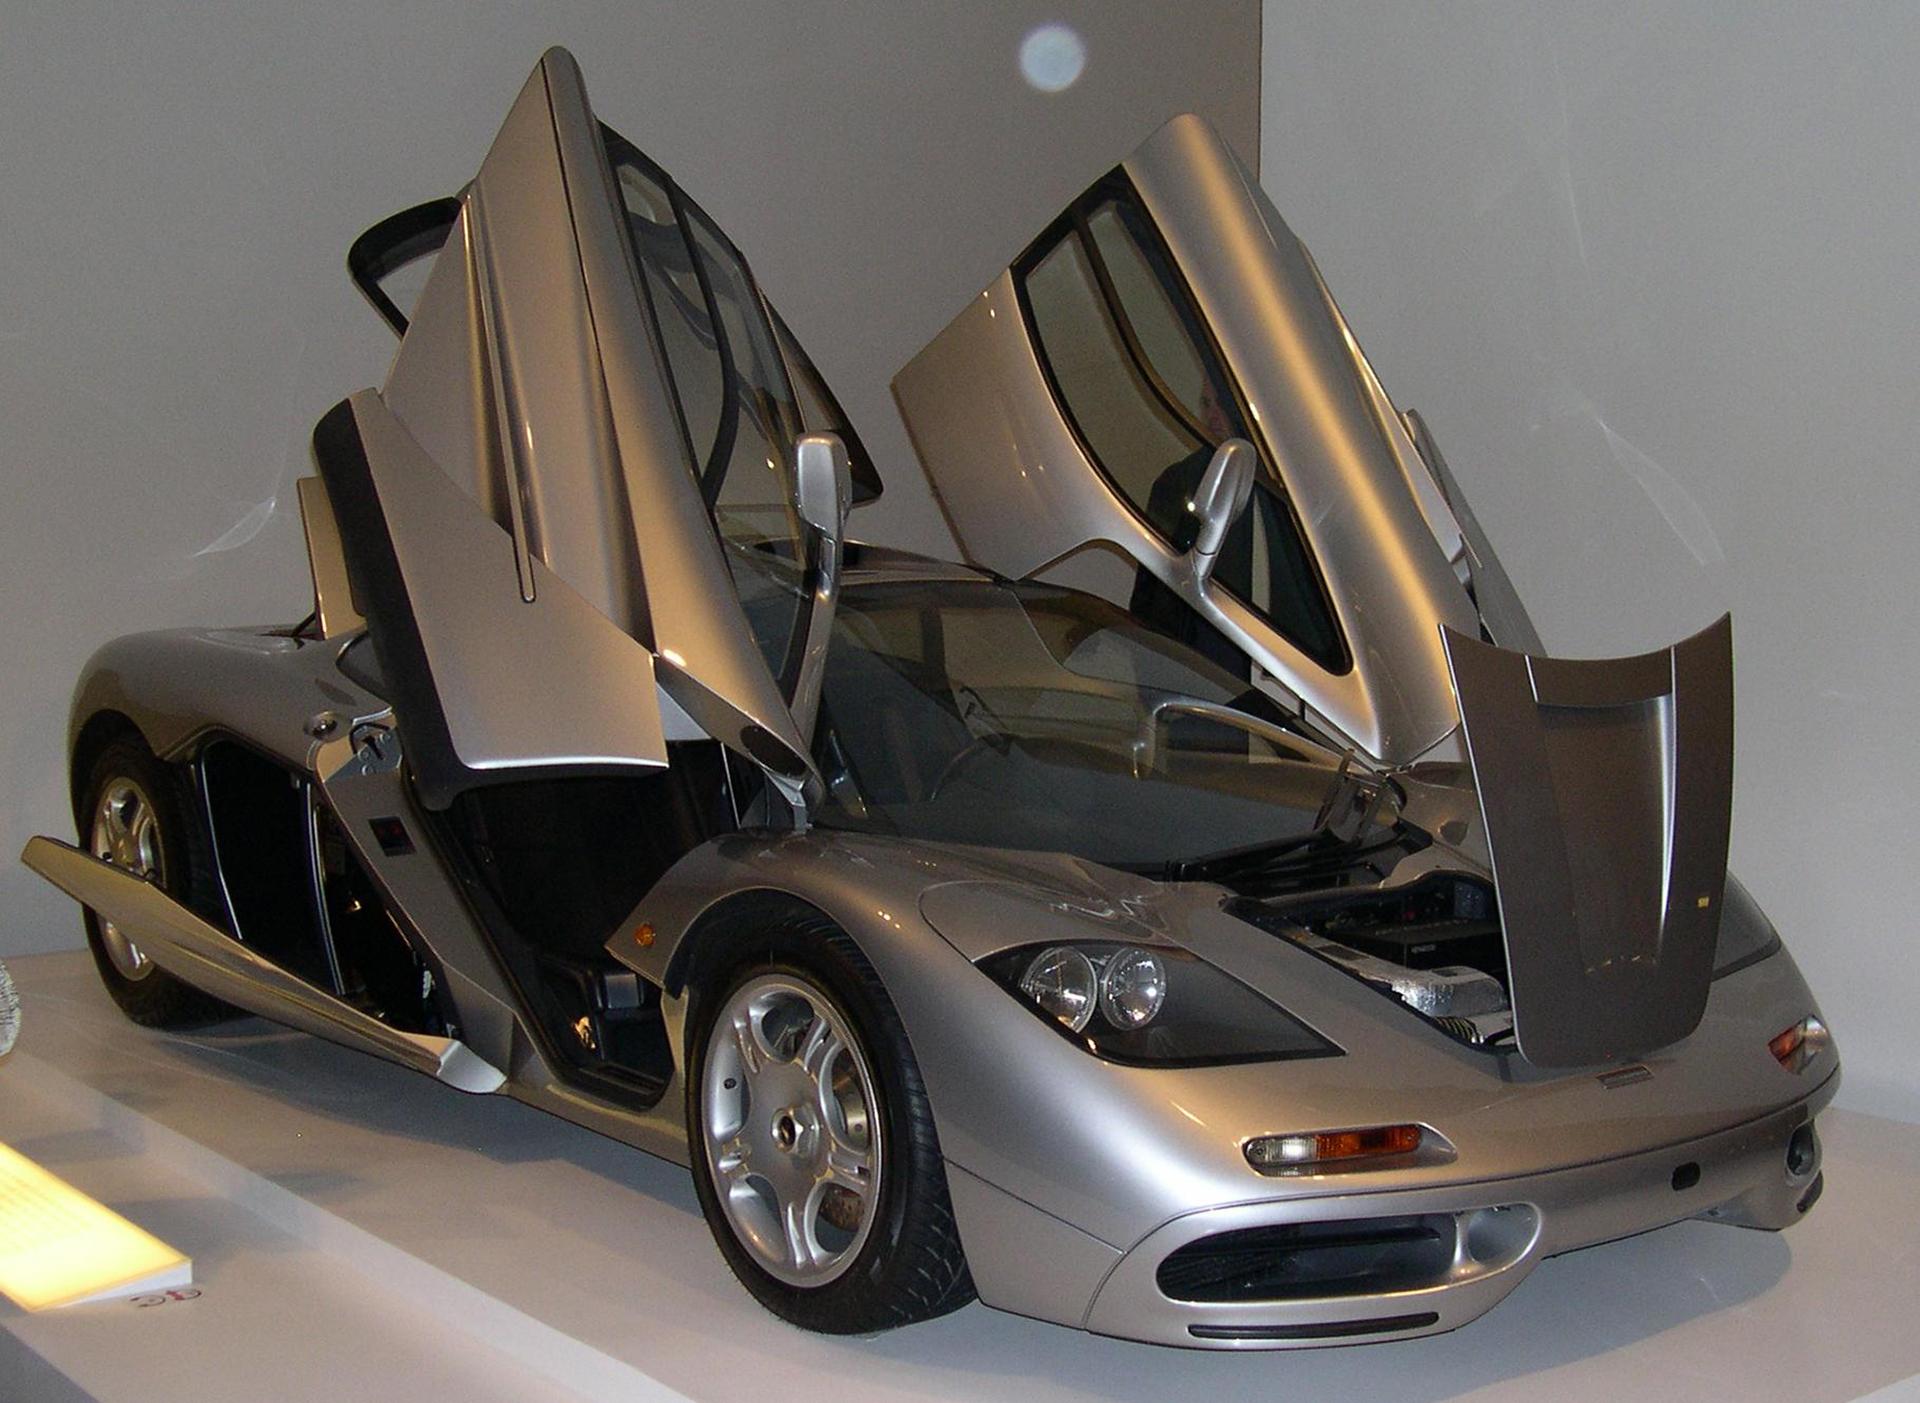 McLaren F1 - front side-face / profil avant - open doors / portes ouvertes